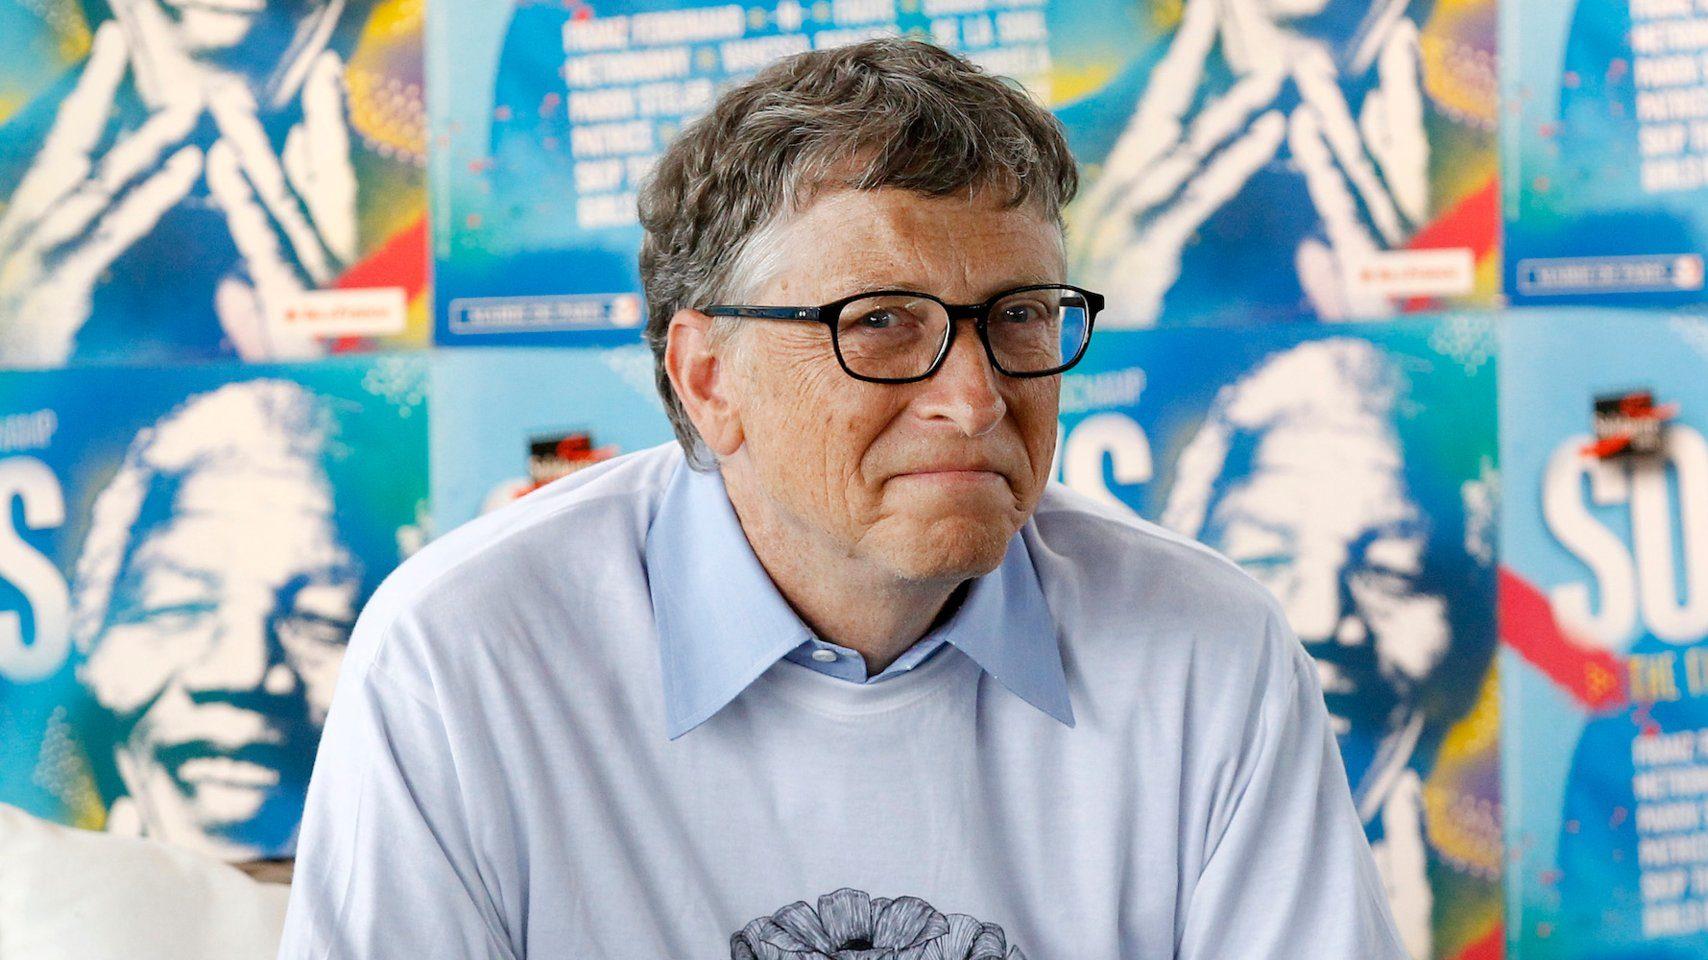 Τα 3 πράγματα που έκαναν οι γονείς του Bill Gates και τον οδήγησαν στην επιτυχία